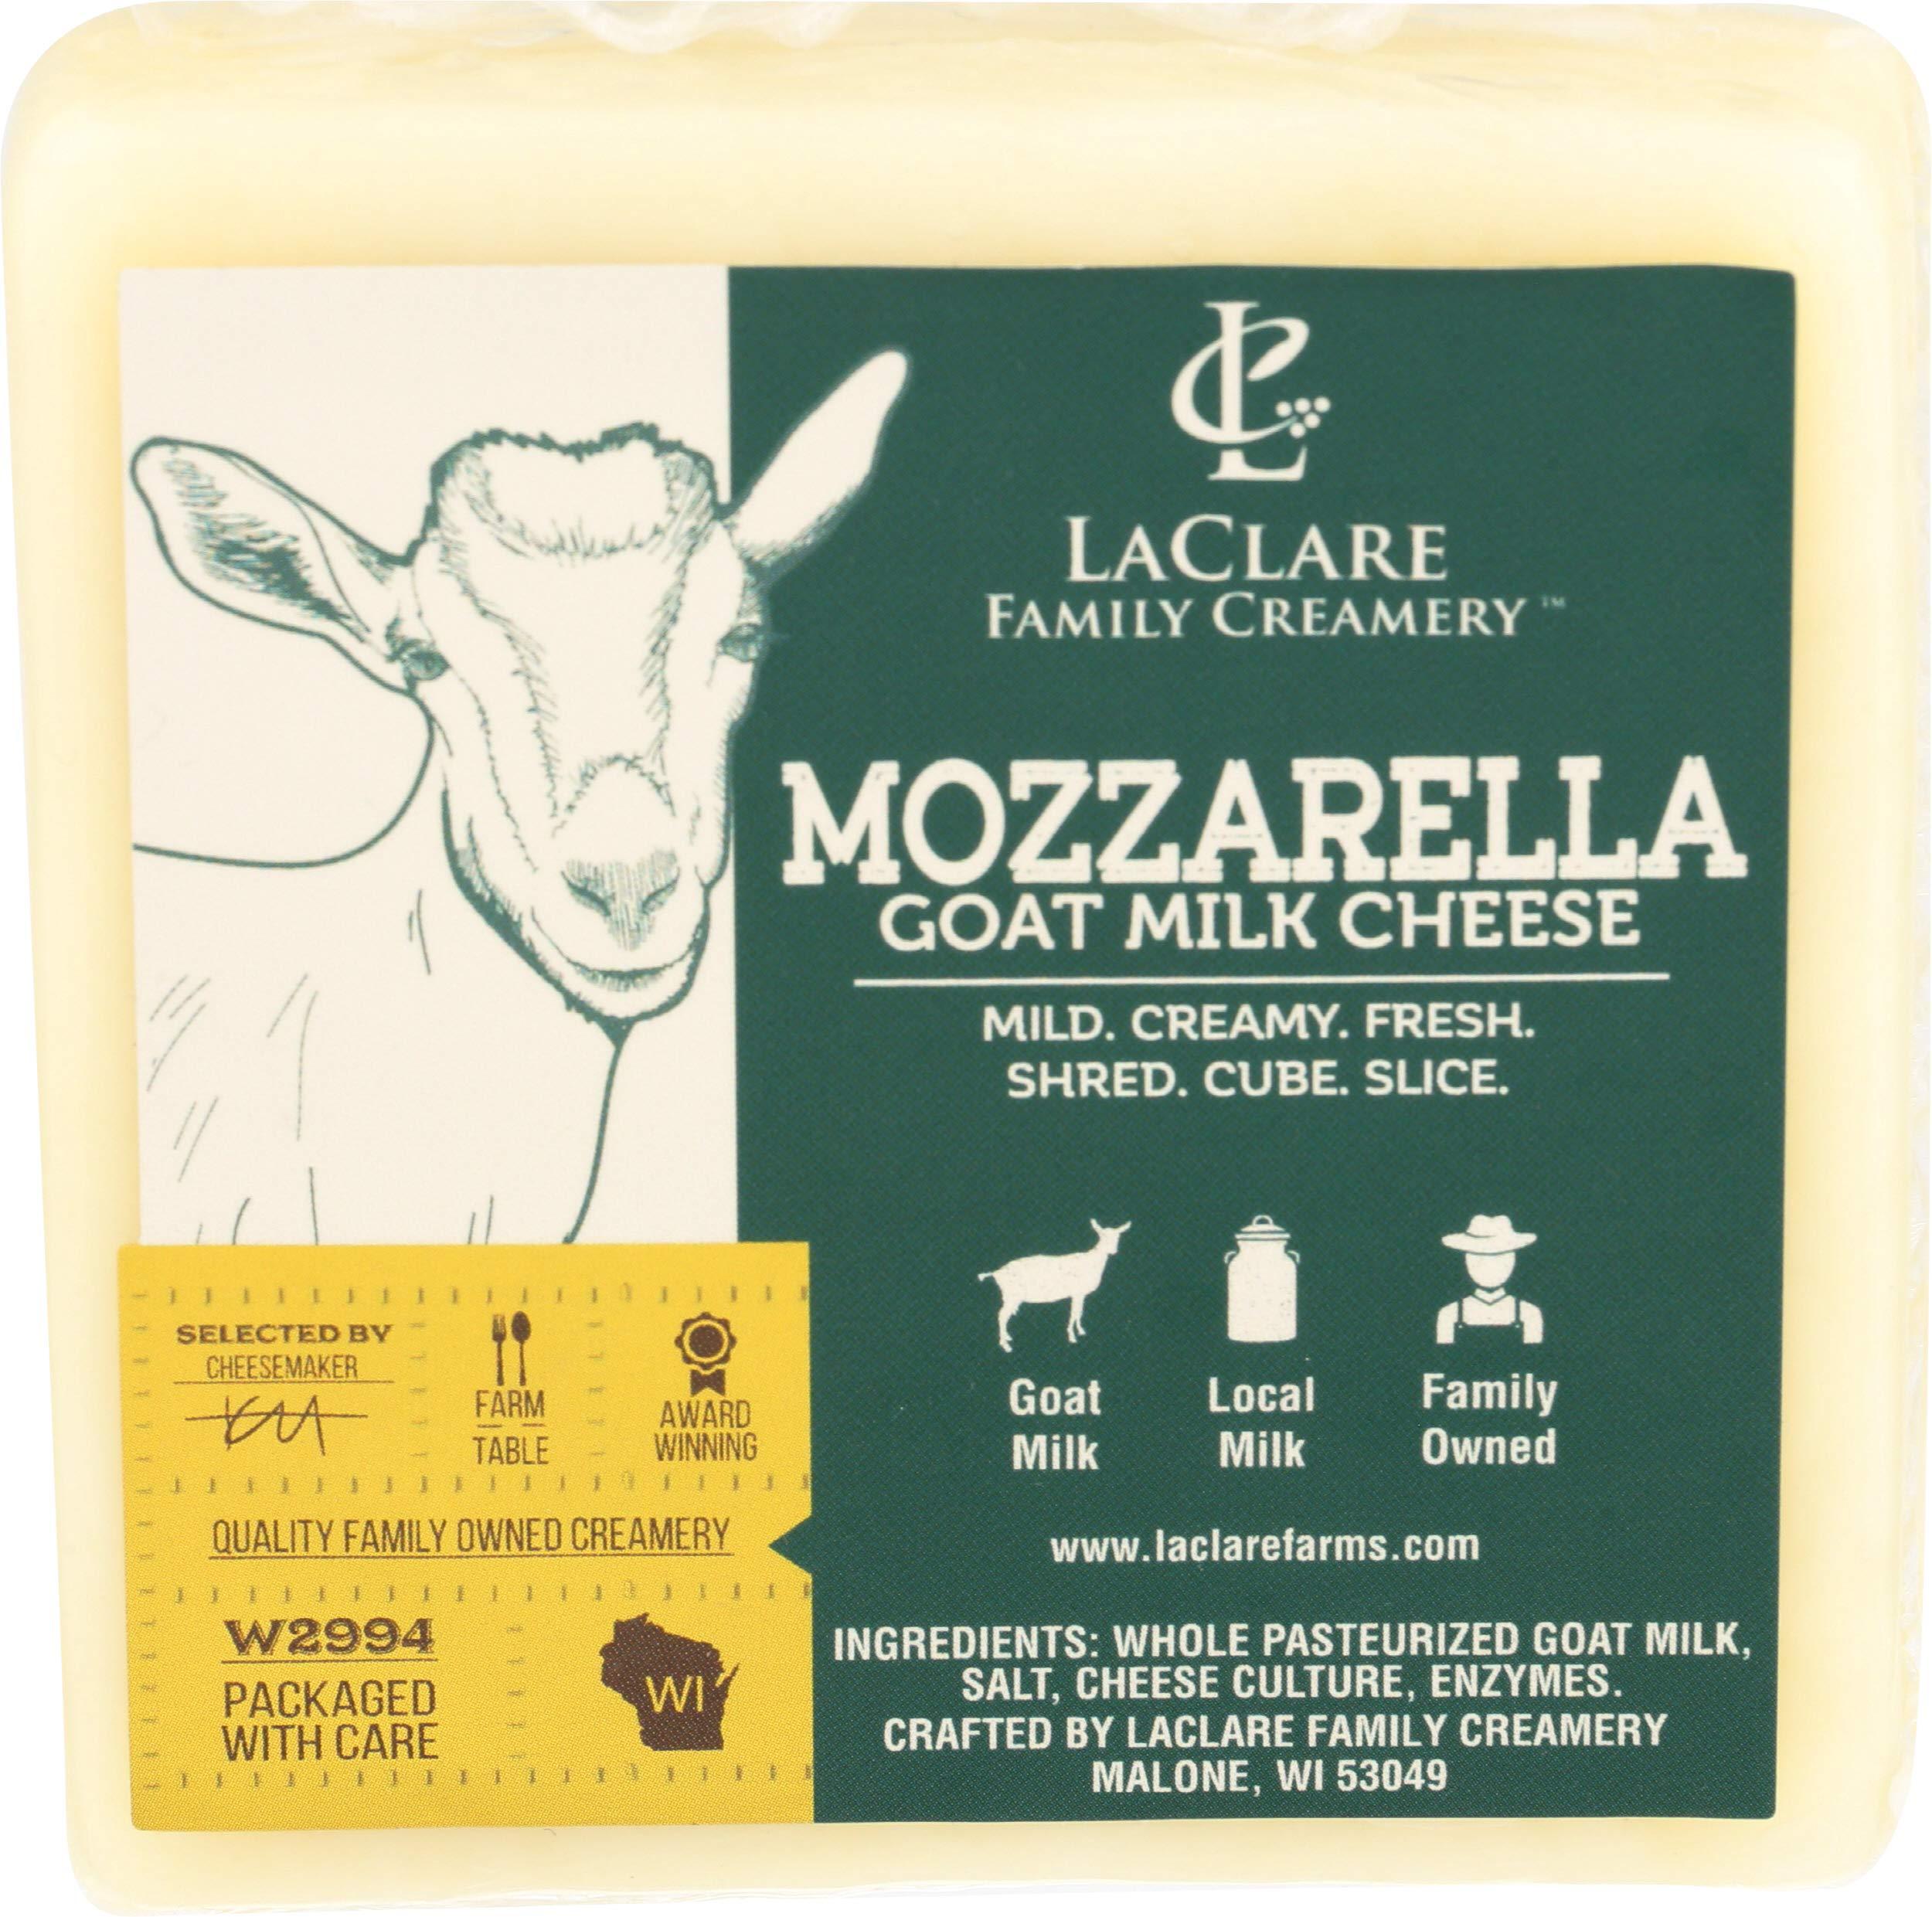 Laclare Farm, Mozzarella Goat, 6 Ounce